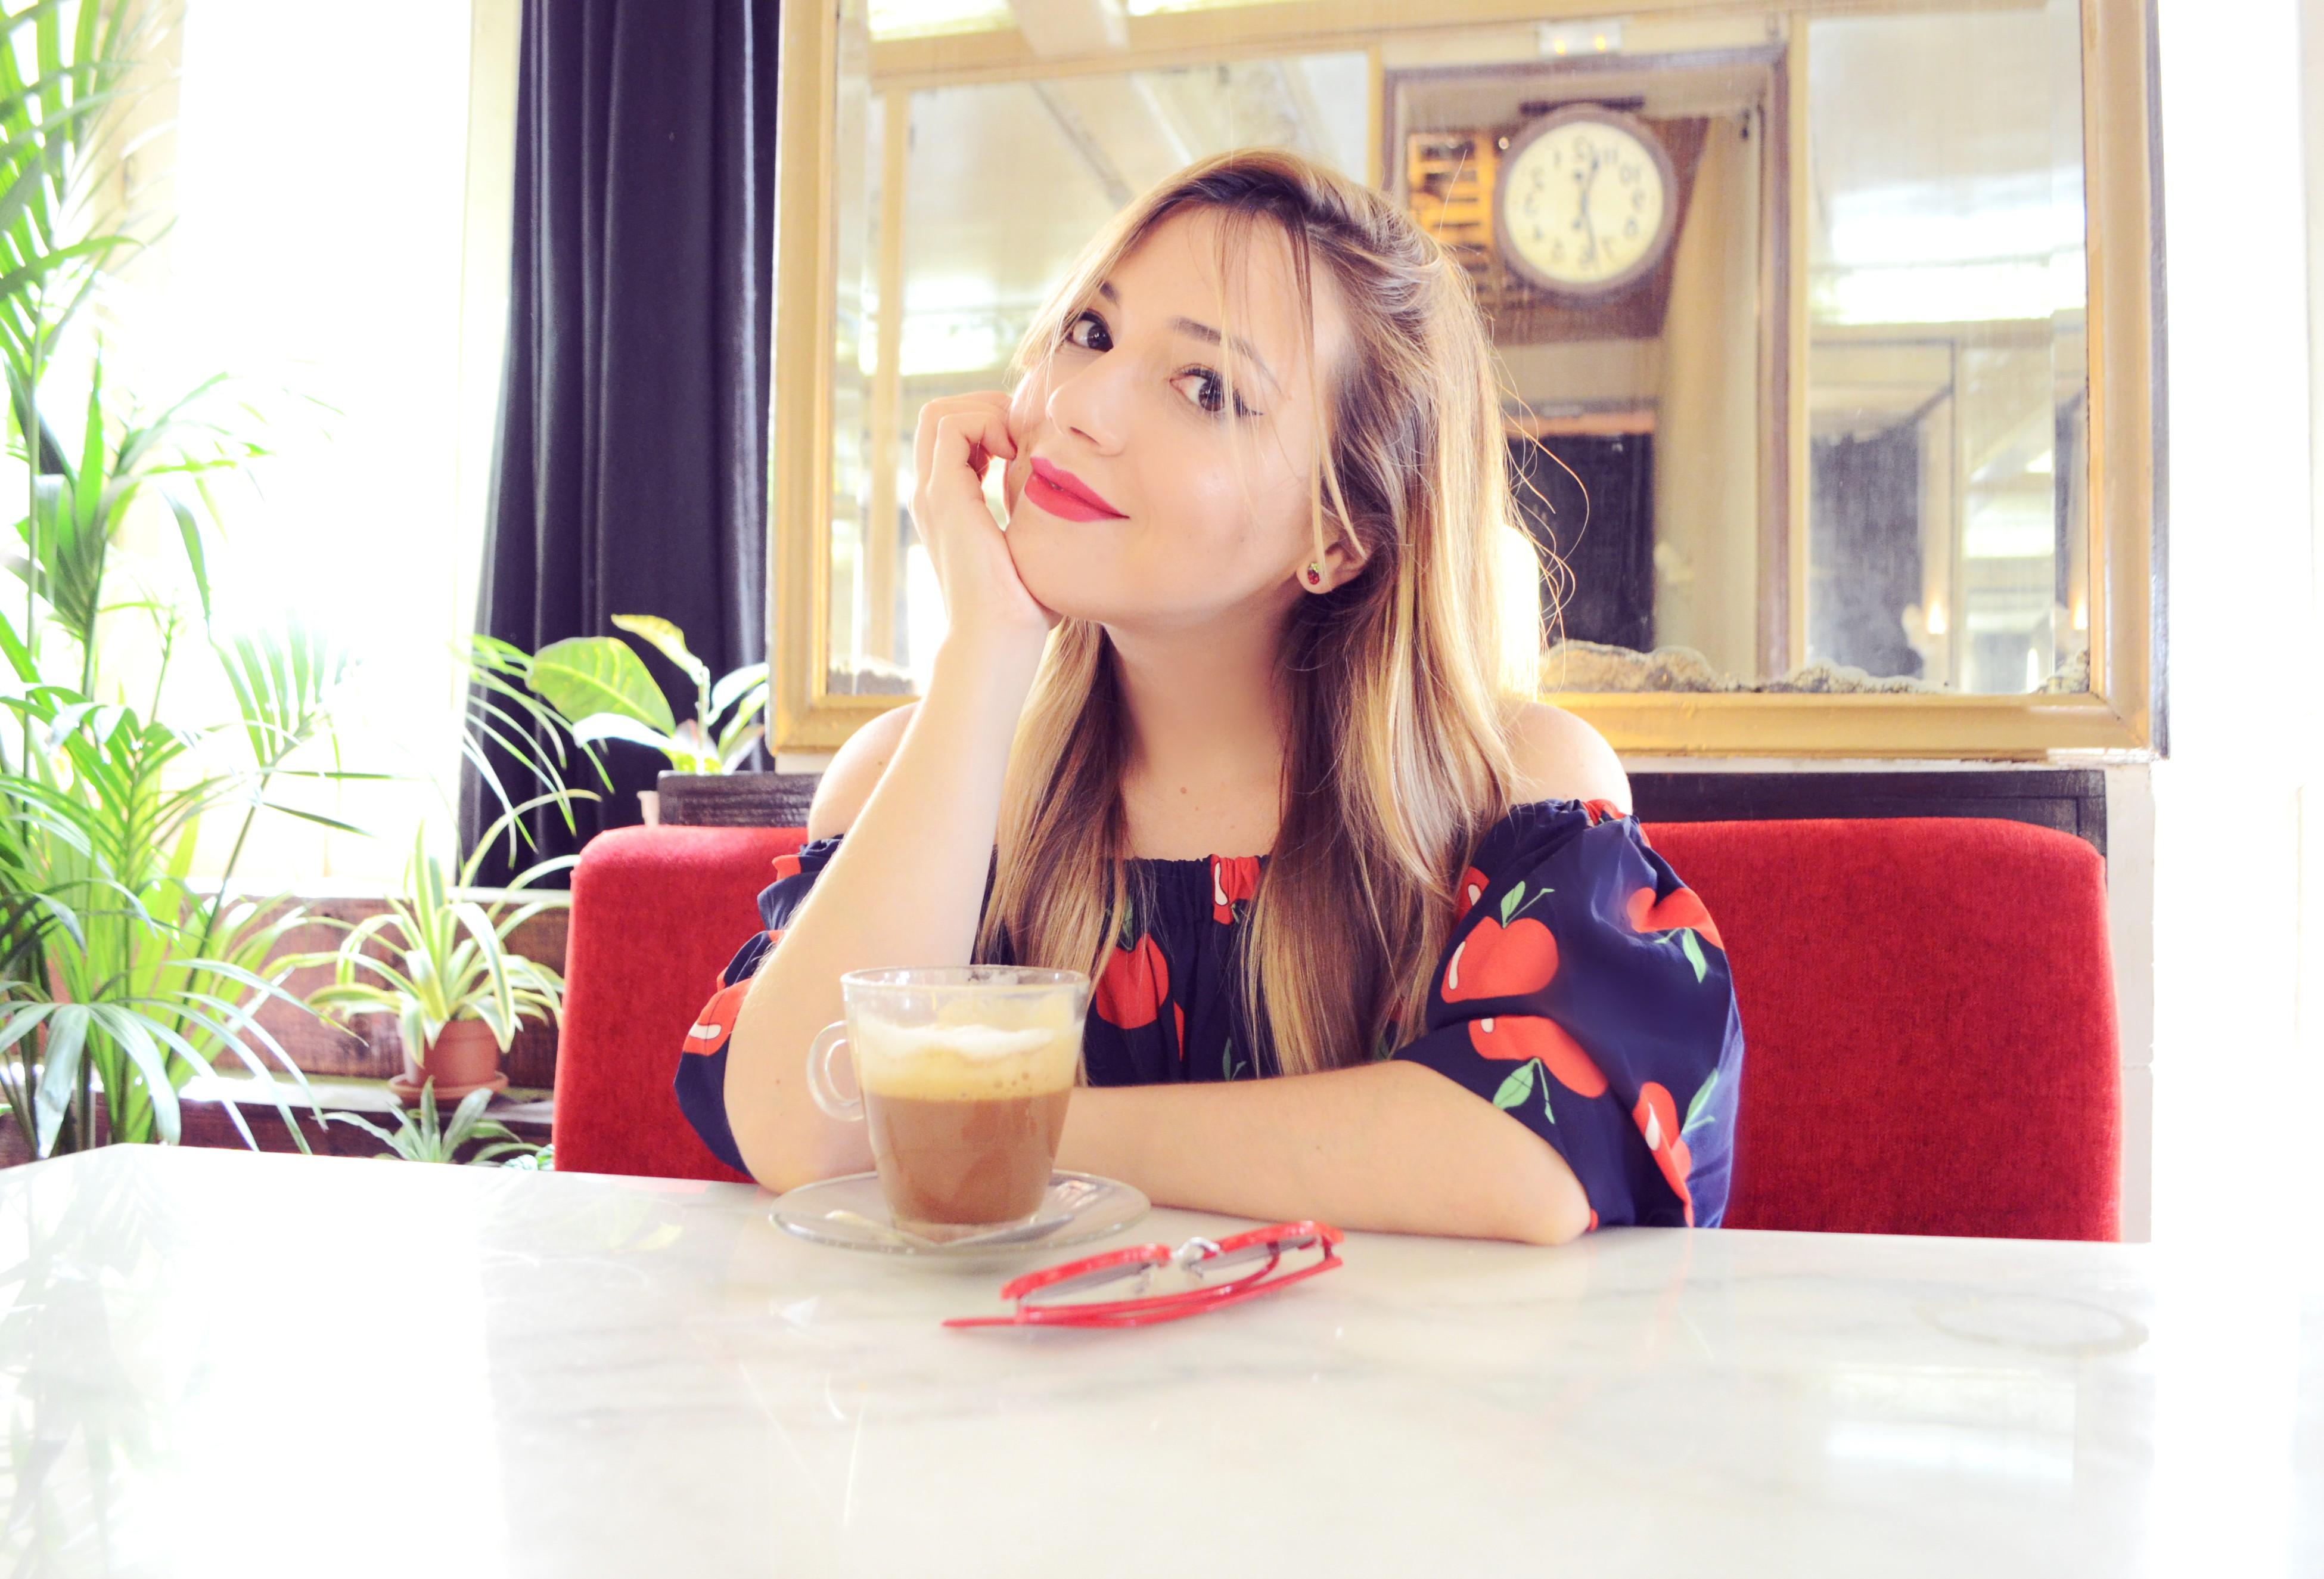 Mejores-cafes-Madrid-Barbieri-Chic-Adicta-influencer-ChicAdicta-blog-de-moda-look-smile-mono-de verano-red-summer-outfit-PiensaenChic-Piensa-en-Chic